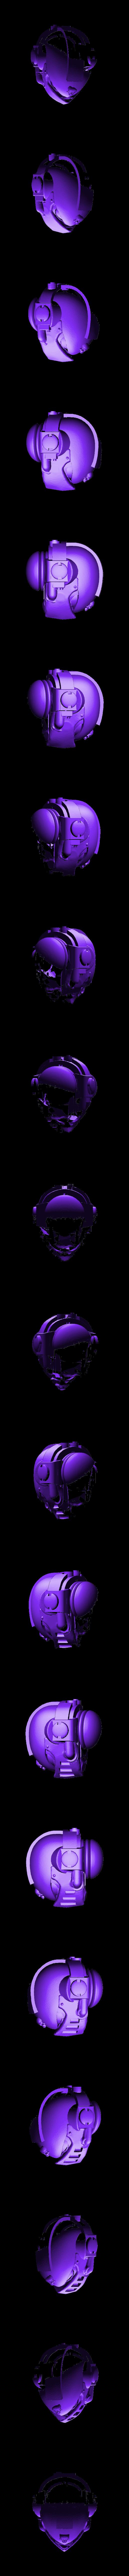 Head 5.stl Télécharger fichier STL gratuit L'équipe des Chevaliers gris Primaris • Modèle pour imprimante 3D, joeldawson93